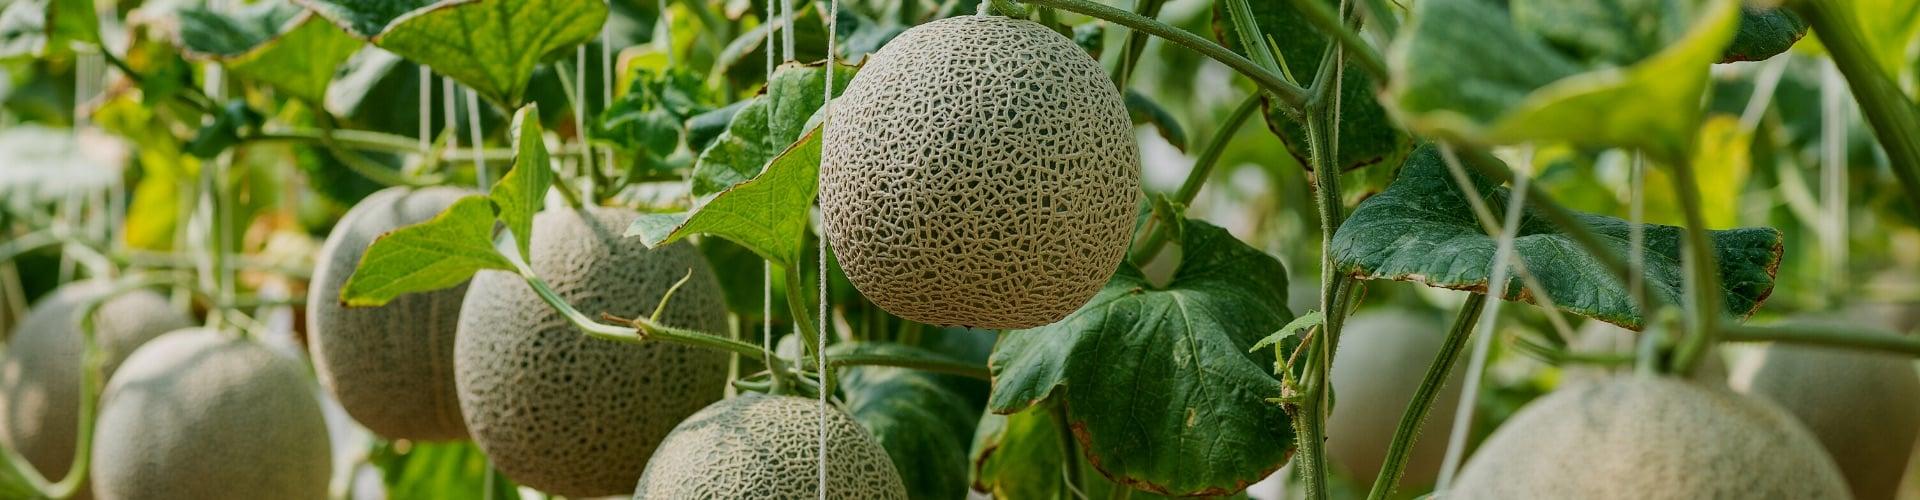 bio-melone-in-natuerlicher-form-Ogaenics-zutaten